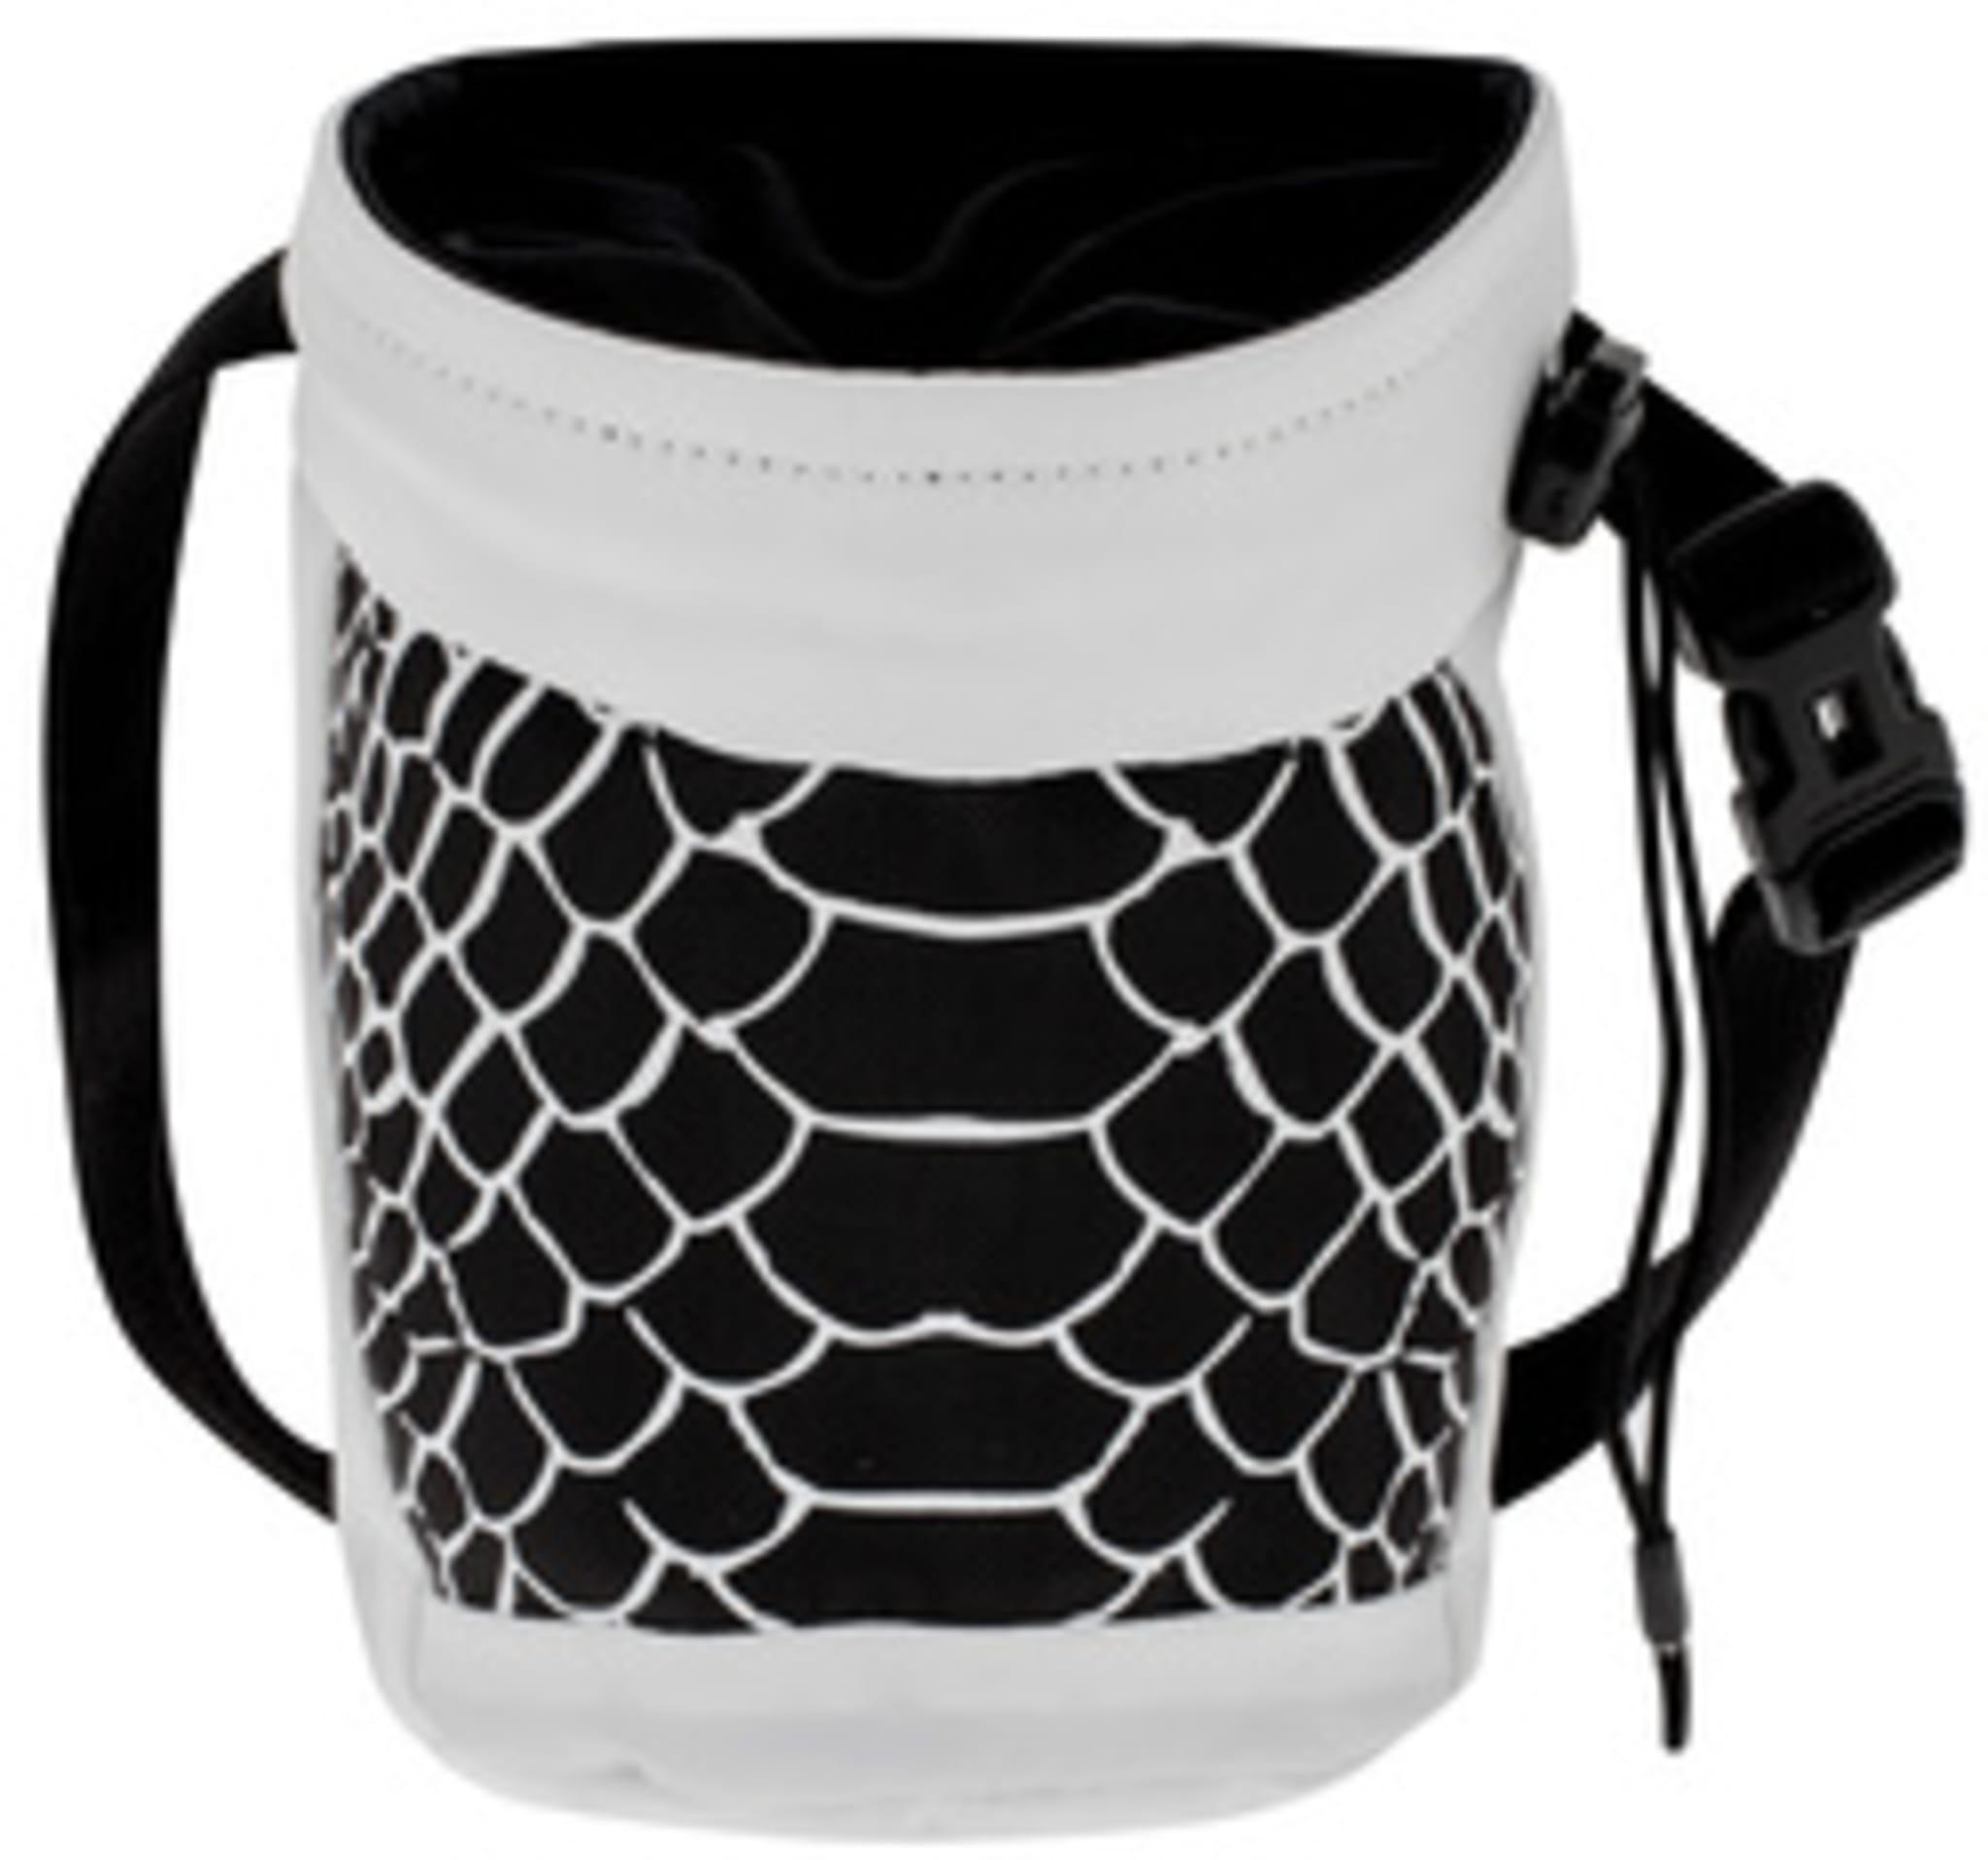 Lett kalkpose som kan festes rett på Alnasca klatresele